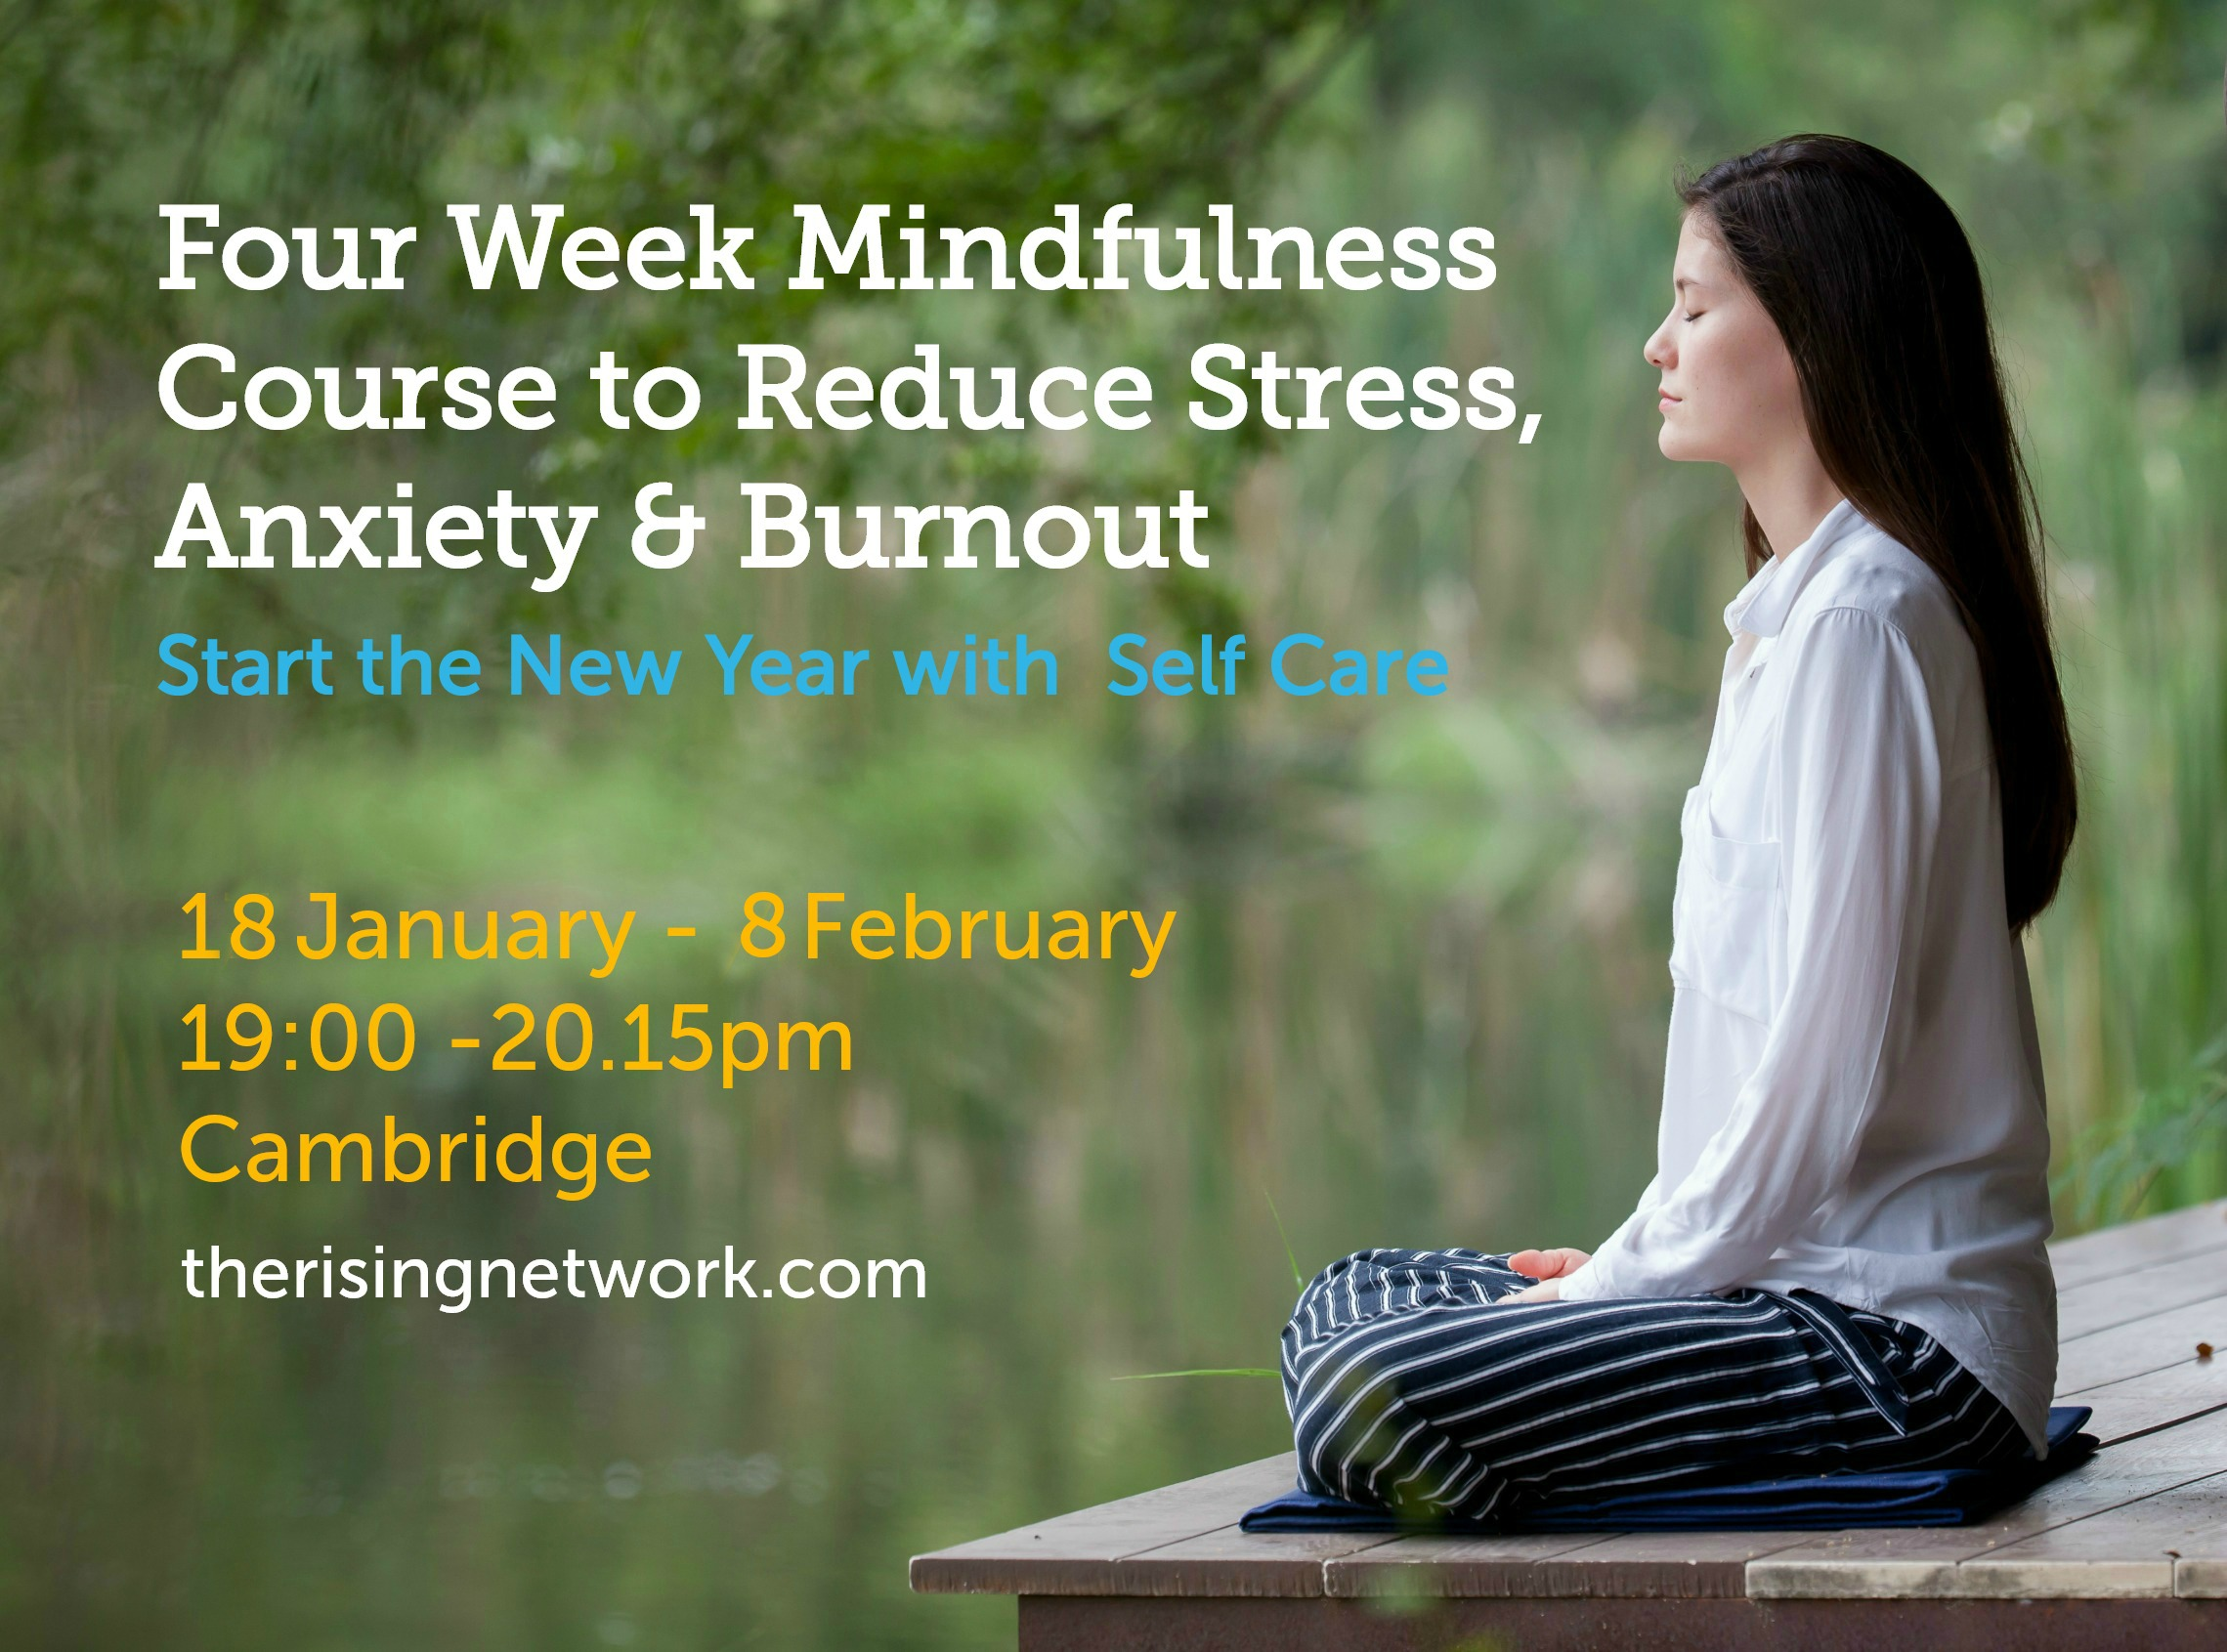 Four Week Mindfulness Course January February 2018